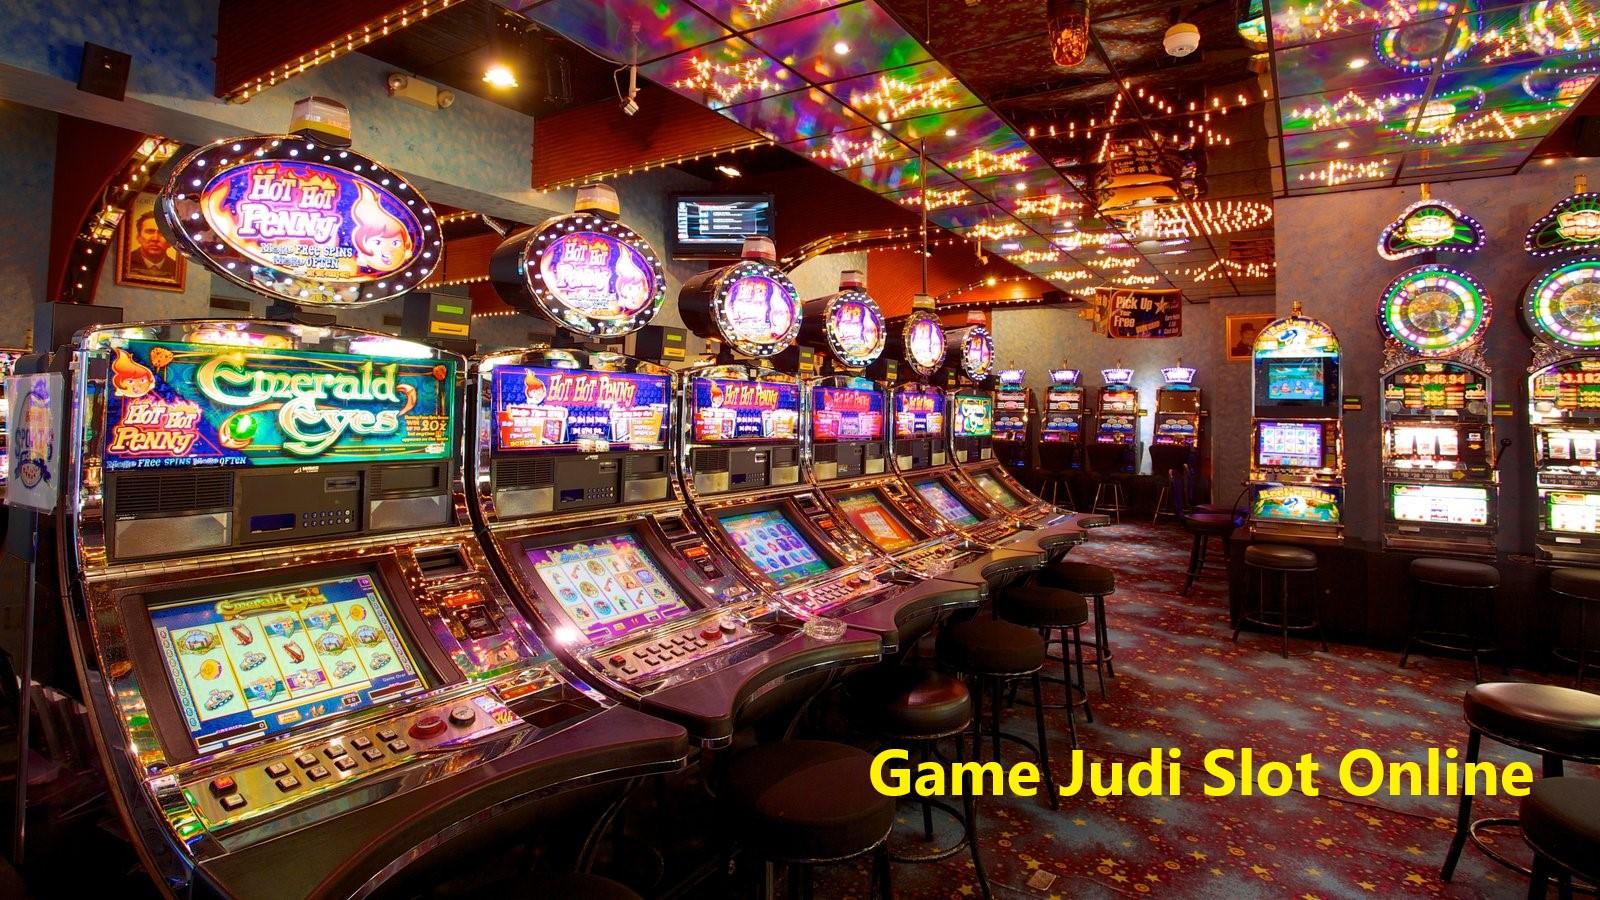 Online Judi Slot Mesin